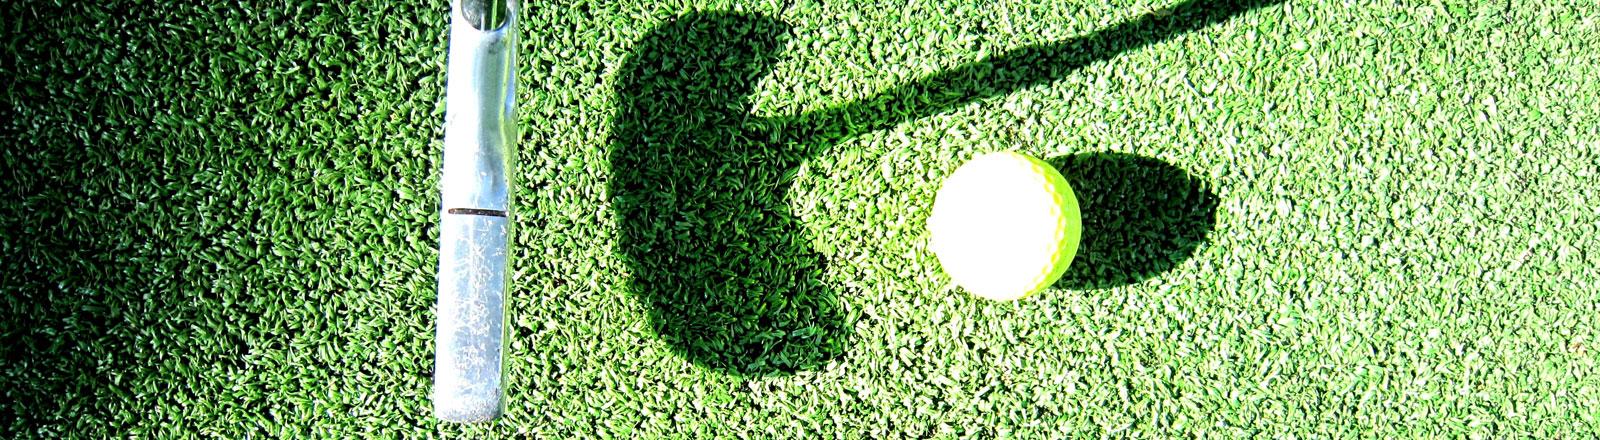 Ein Minigolfschläger mit einem Ball auf einem grünen Kunstrasen